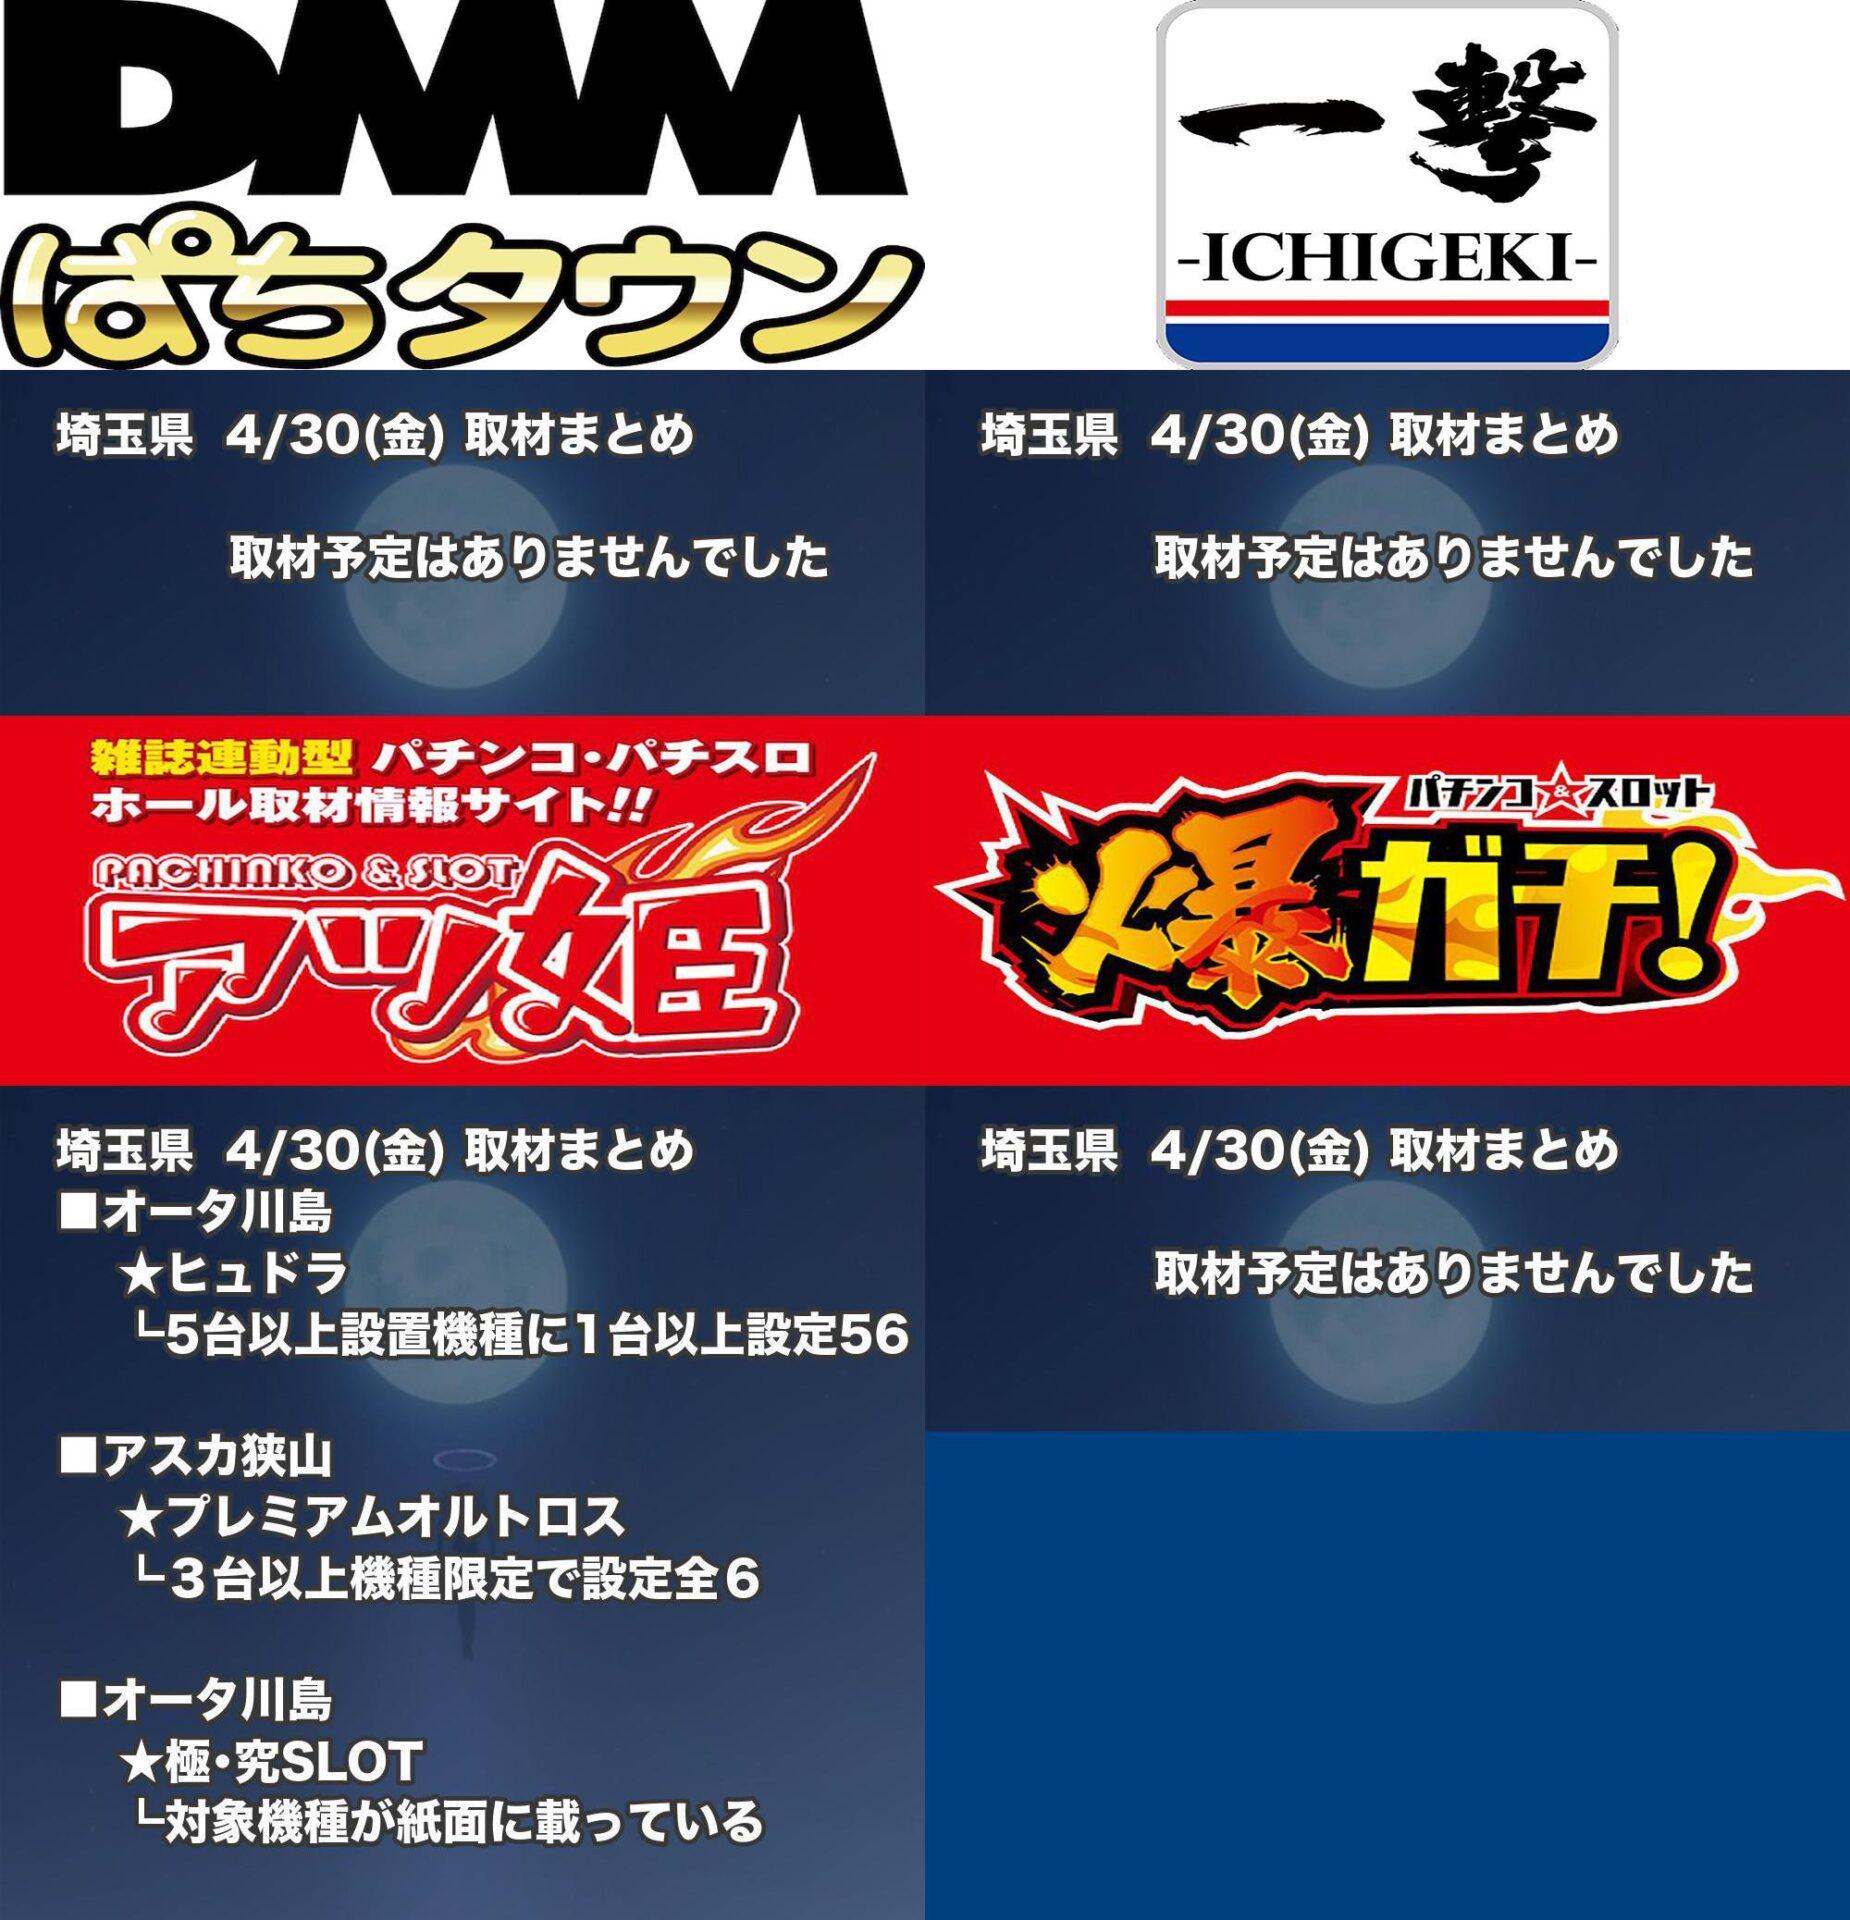 埼玉県_2021-04-30_パチンコ・パチスロ